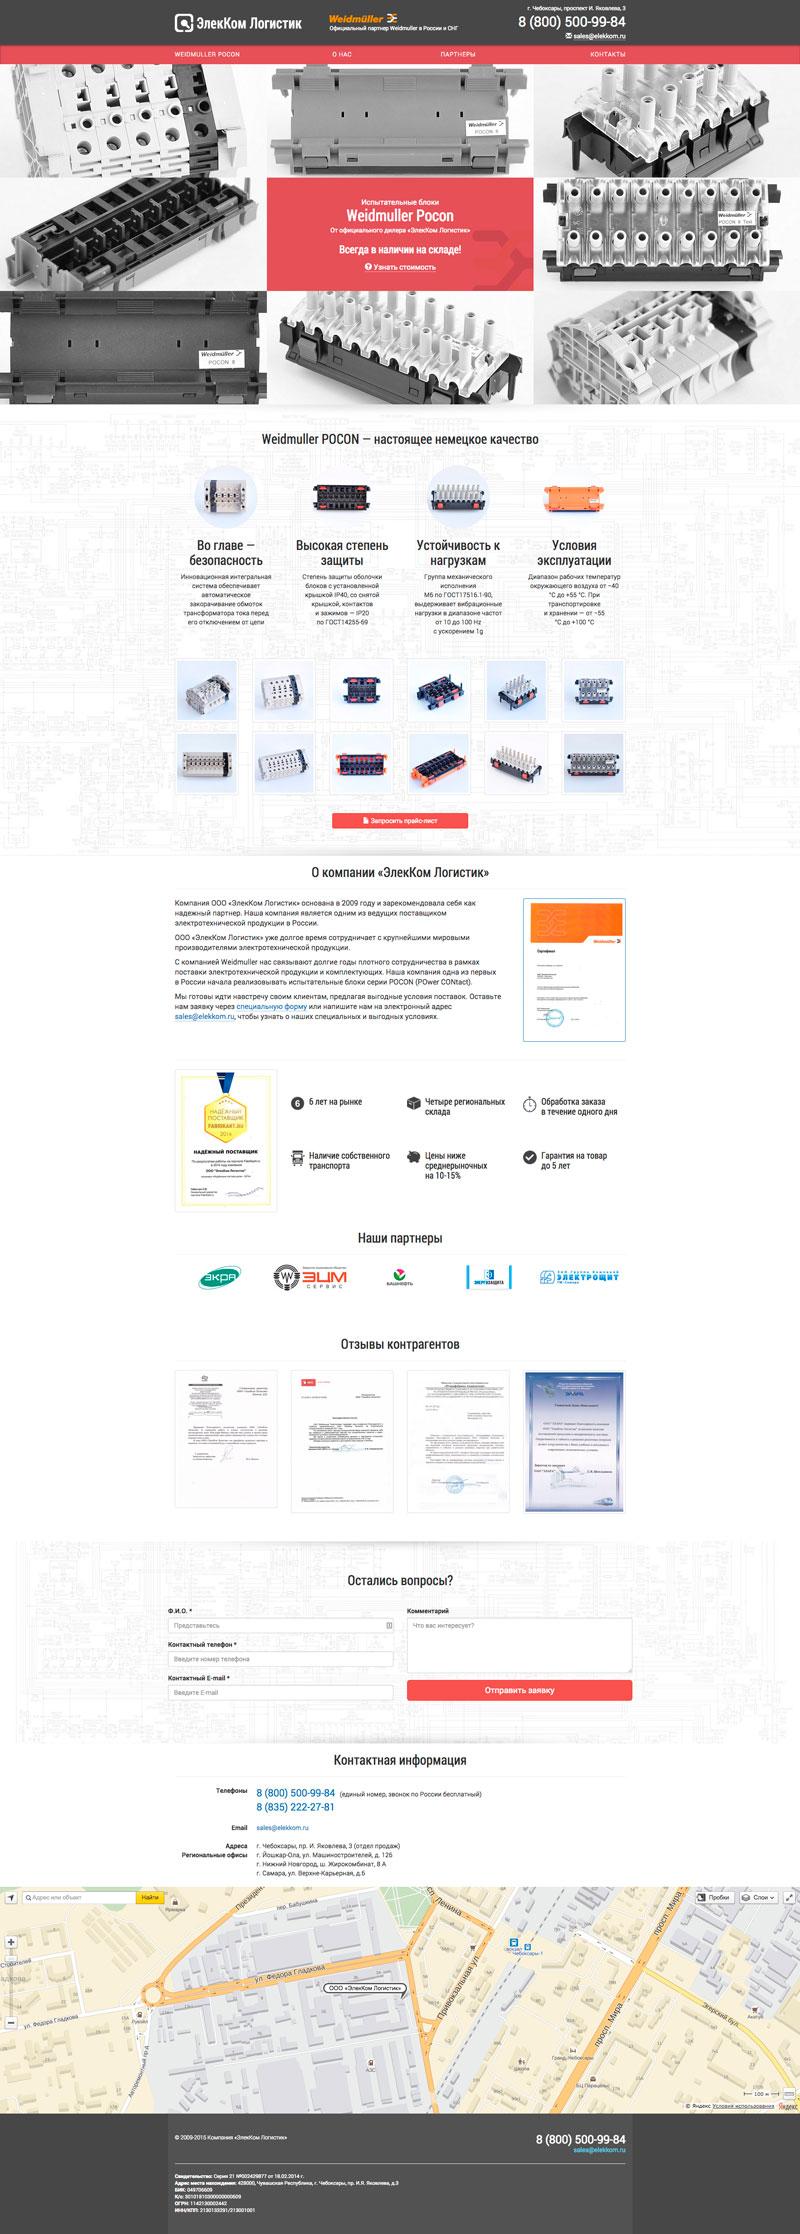 Сайт для генерации клиентов на продукт Pocon